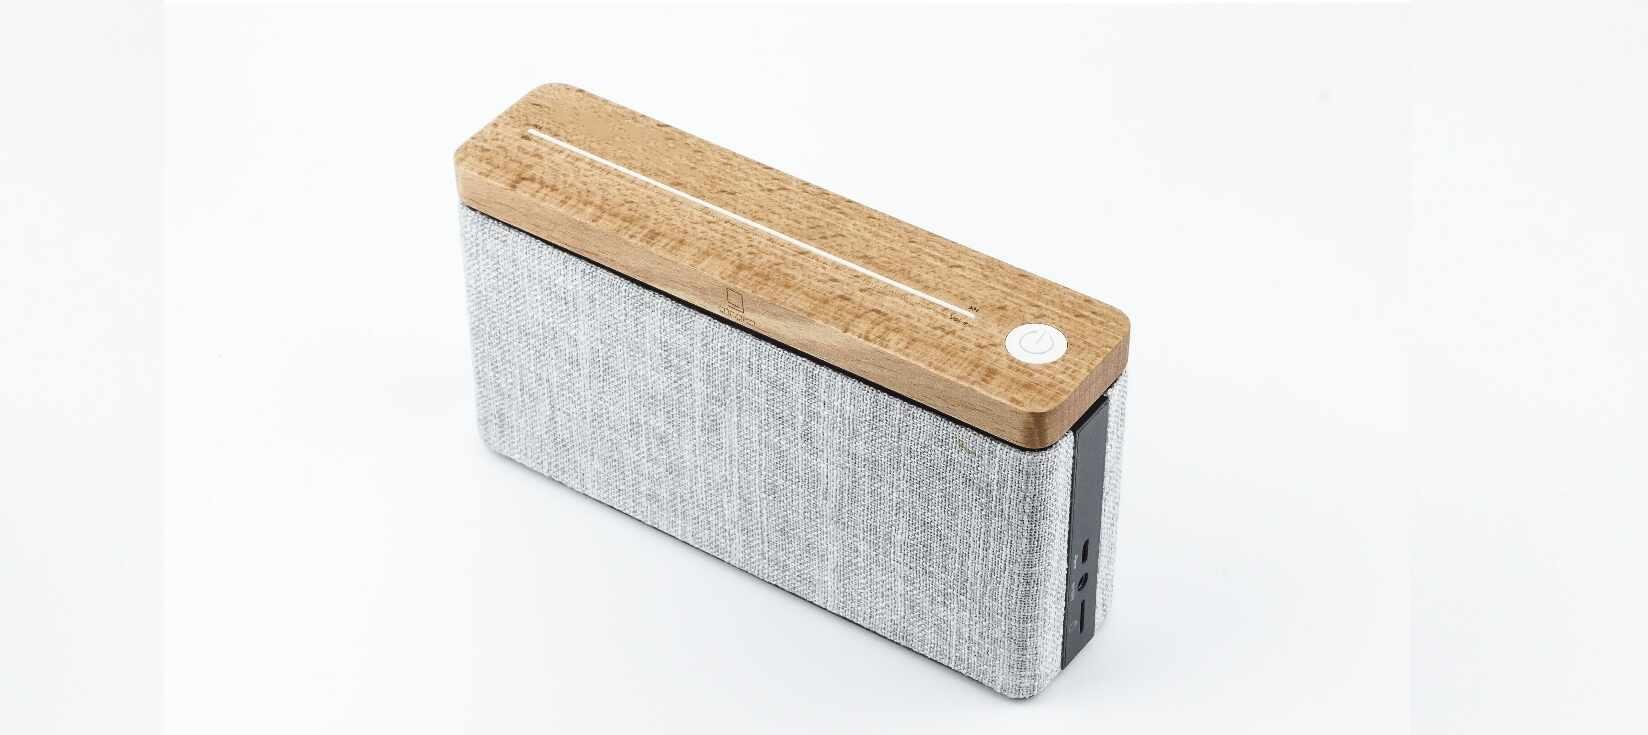 Boxa Bluetooth portabila HiFi Square Maple la pret 519 lei